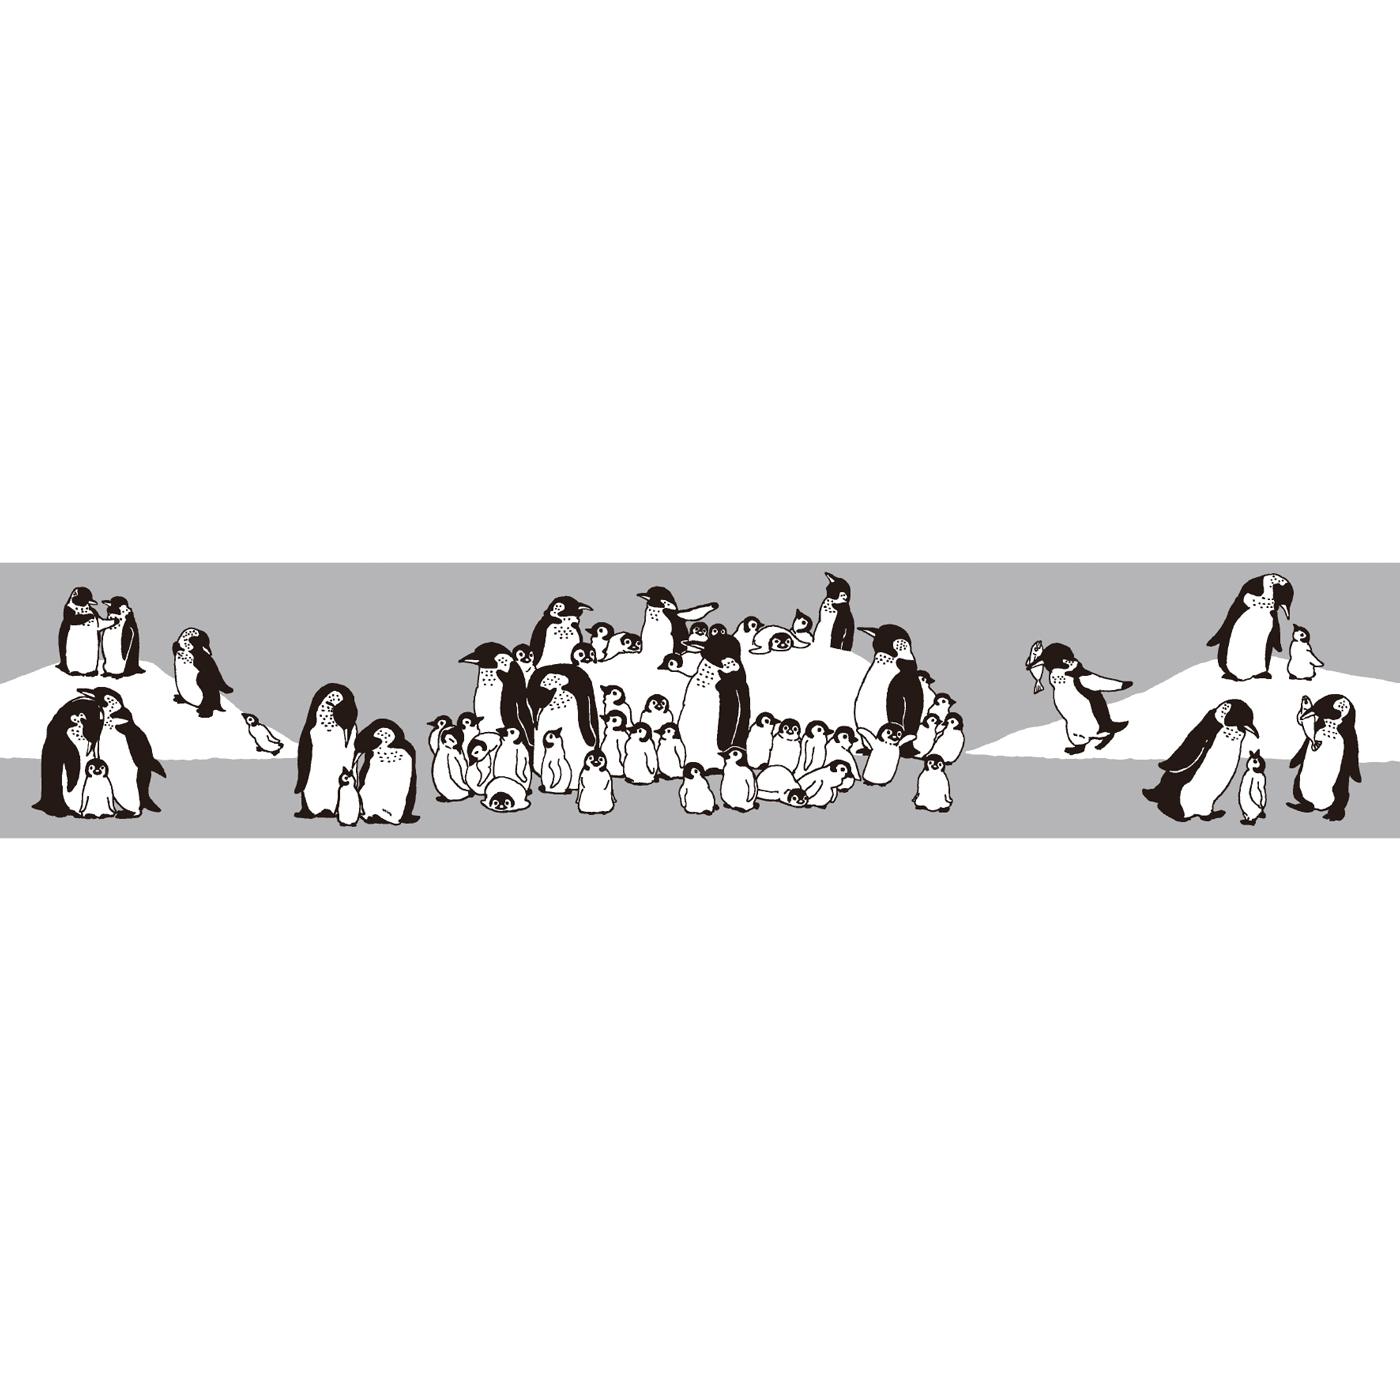 ペンギン界のあるあるがぐるっと一周。